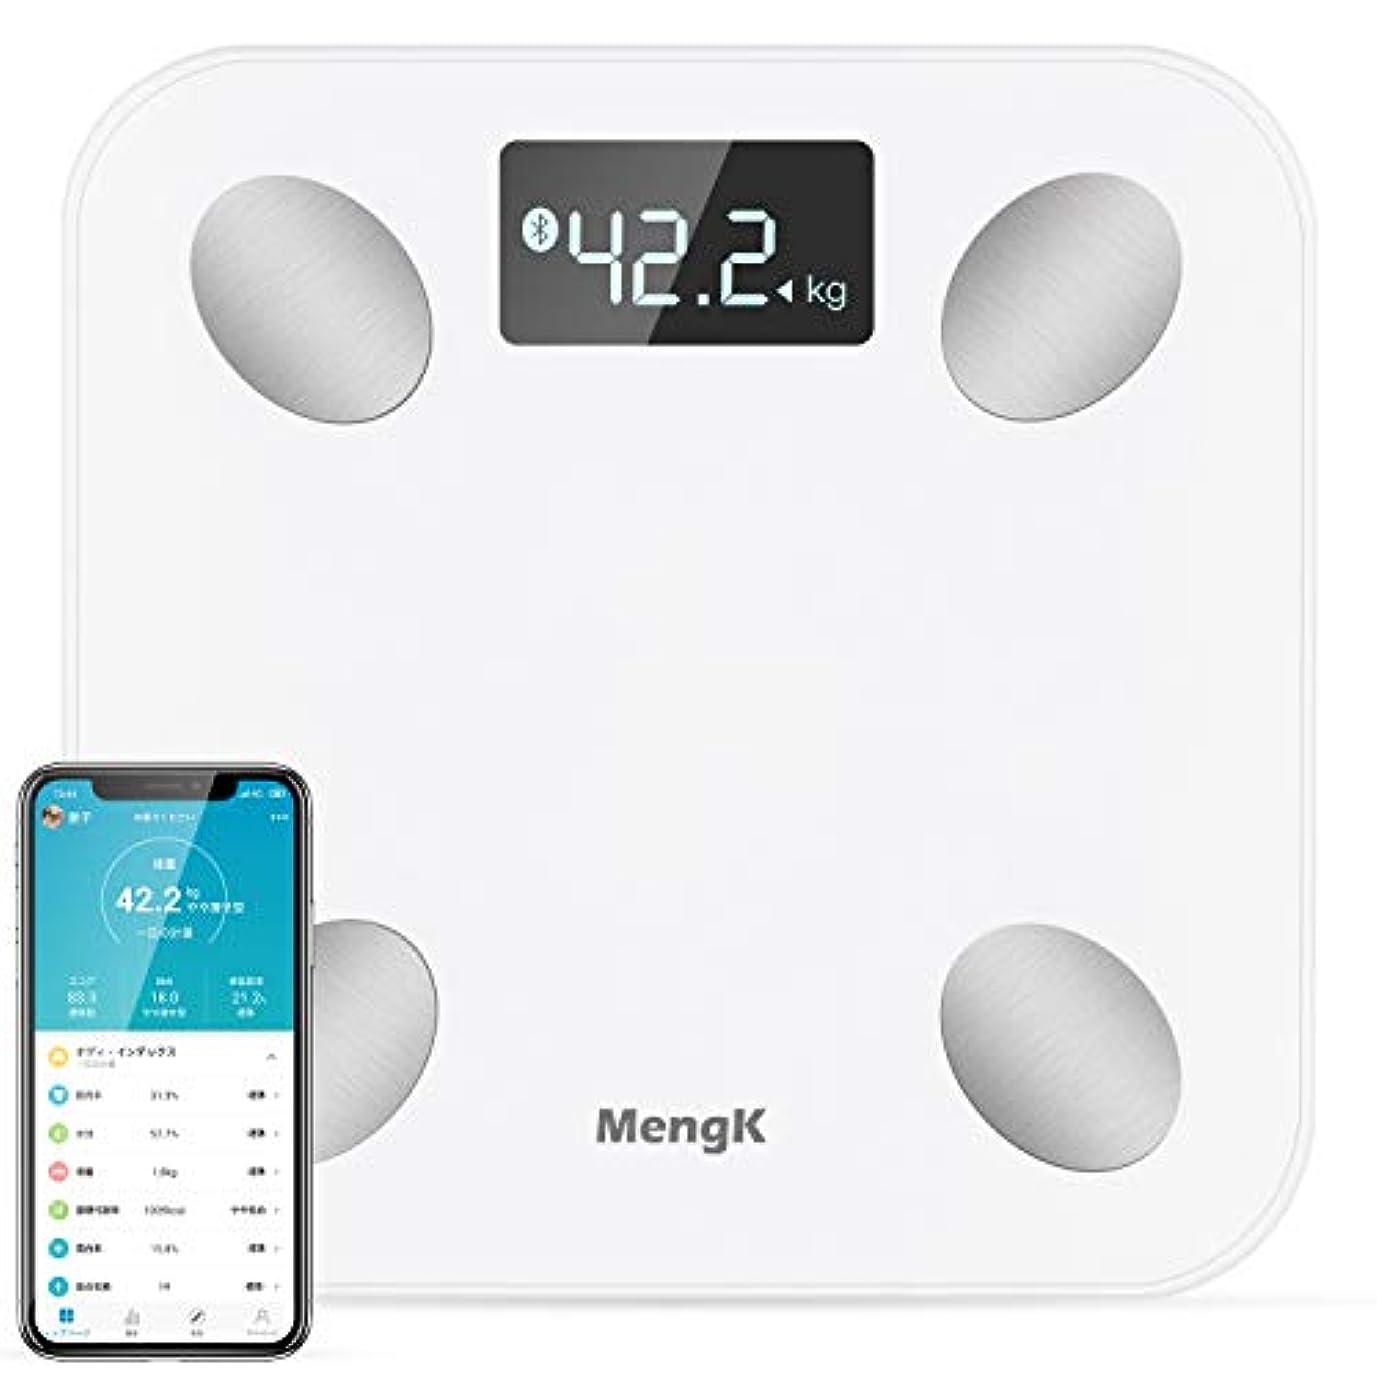 誰でも器用生産的体重計?体組成計 体脂肪計 体組成計 体重計 MENGK BMI/体脂肪率/体水分率/骨量/基礎代謝量など16種測量デター iOS/Androidアプリで健康管理 肥満予防?体重管理 Bluetooth対応 カラダスキャン...